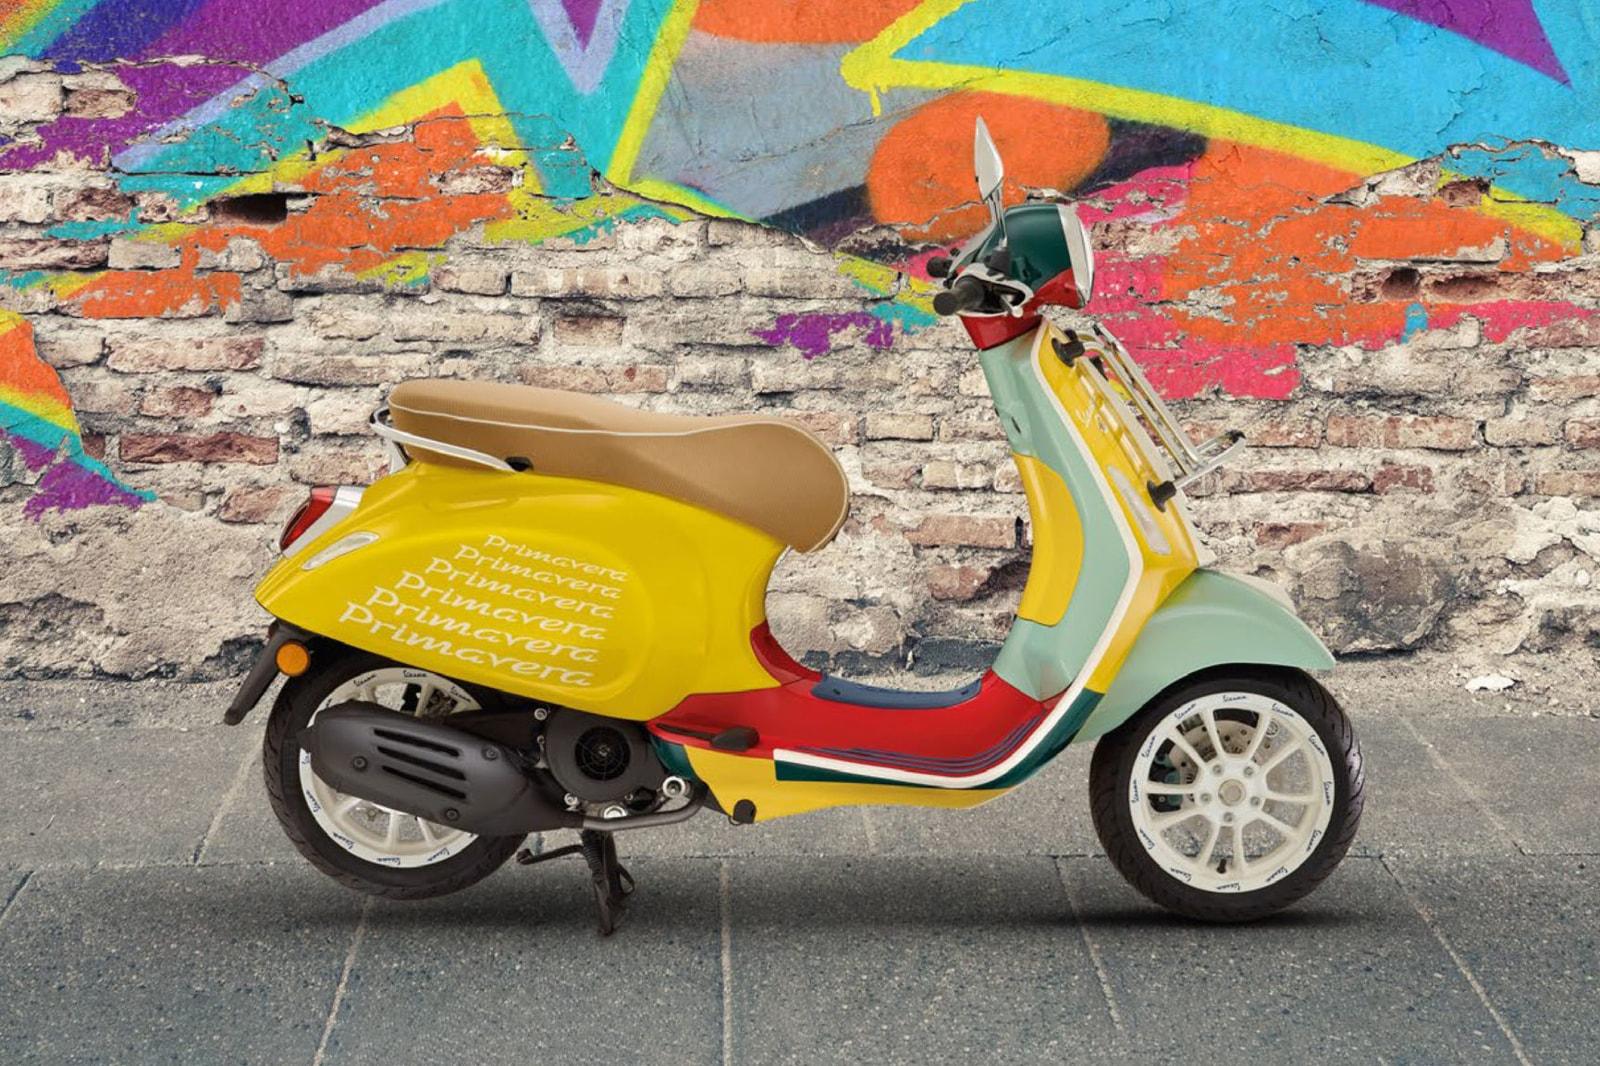 从 Dior 电单车出发,回顾 5 台由时尚单位跨界设计的 Vespa 踏板车